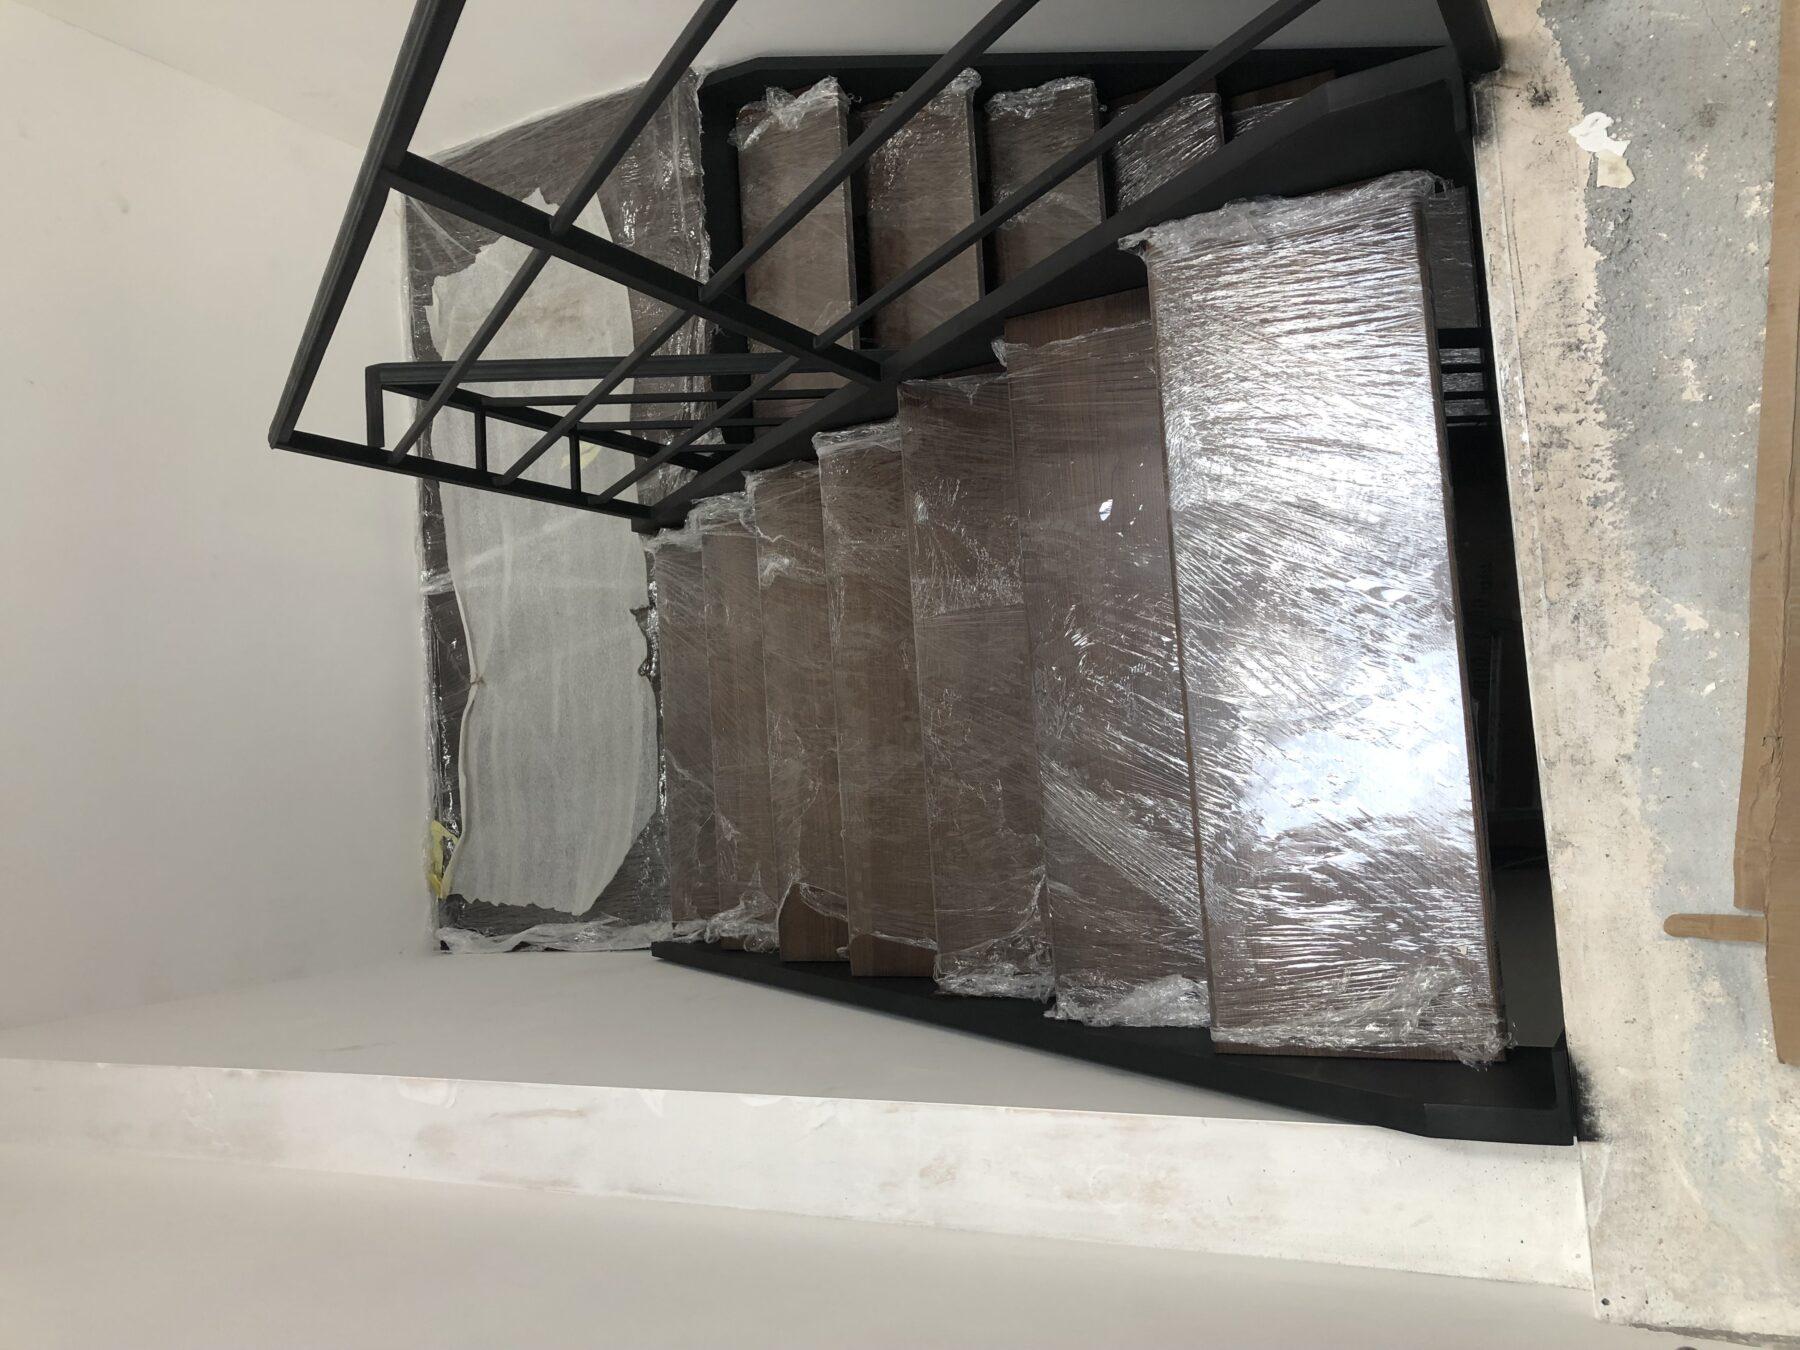 конструкция лестницы из металла